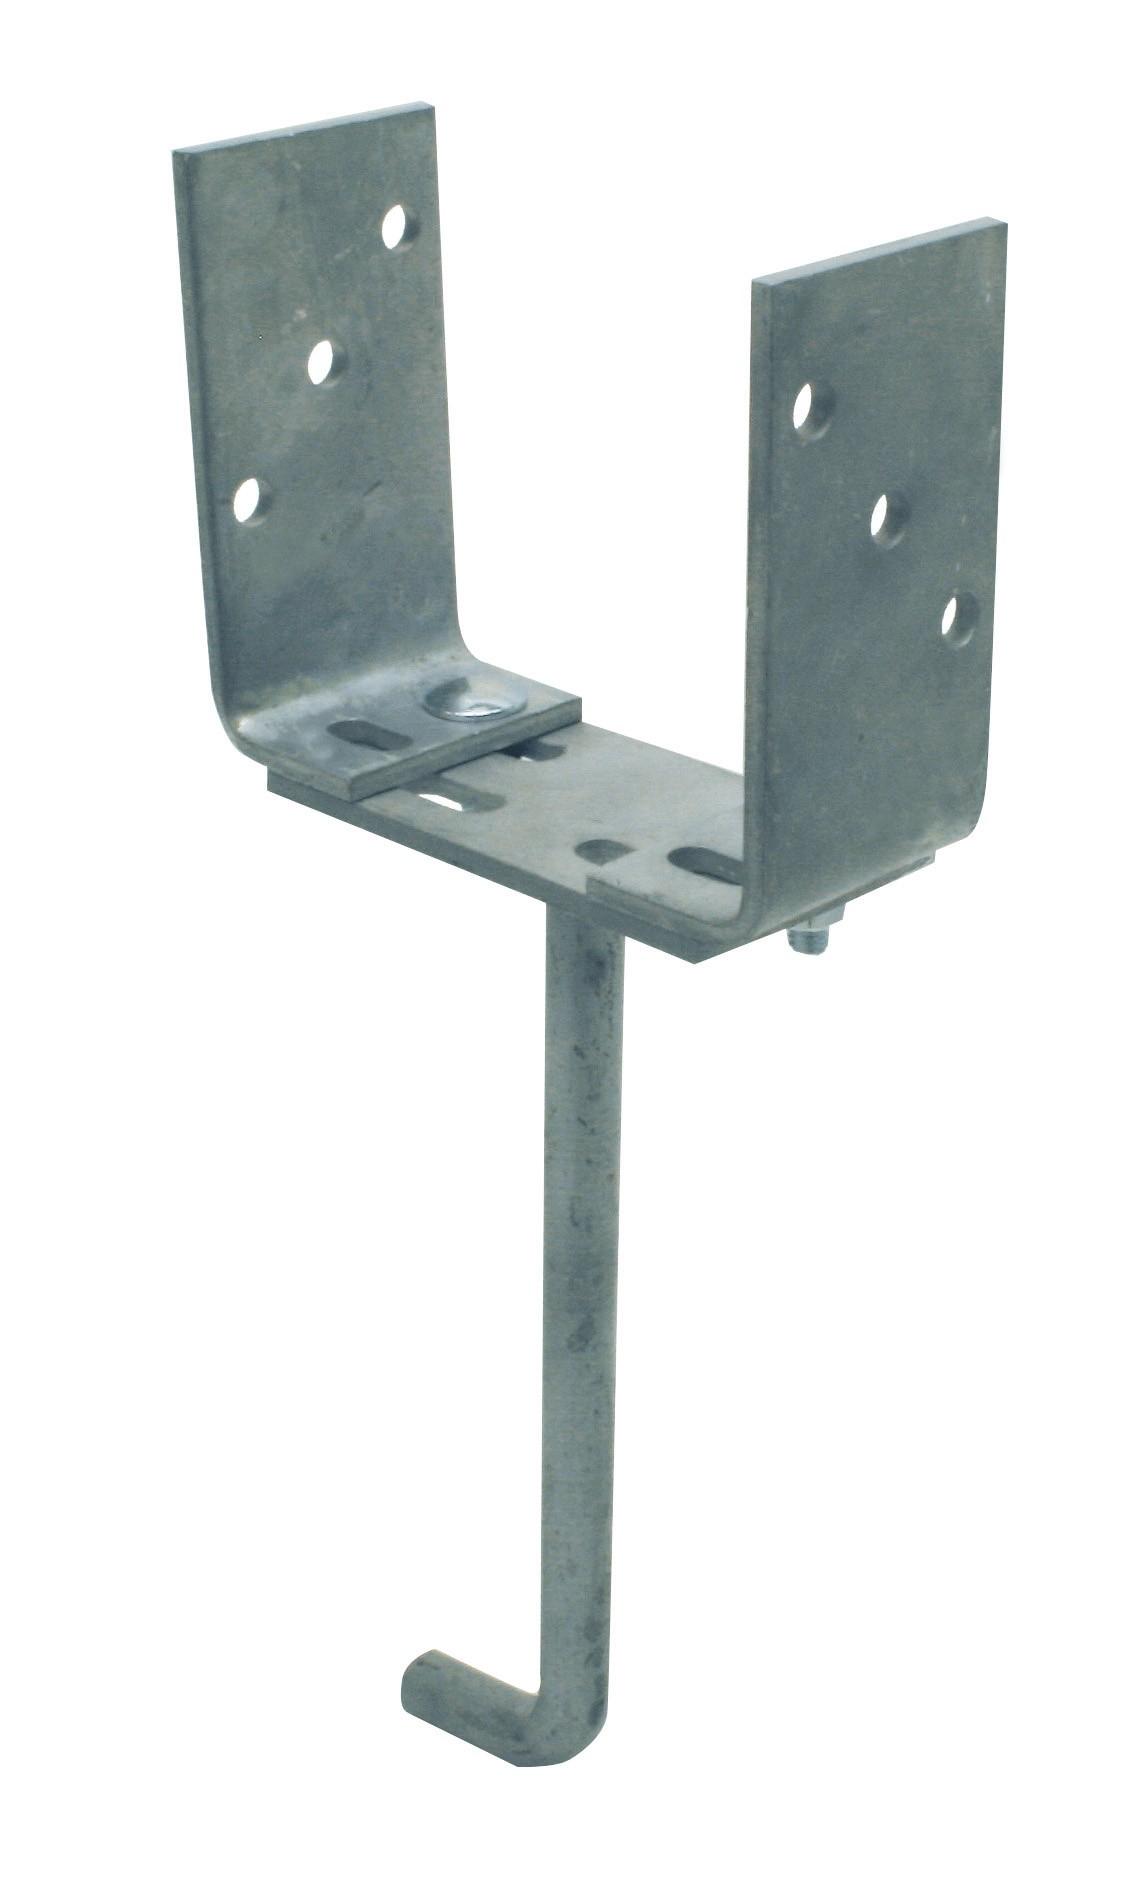 Pied de poteau à sceller non-assemblé (avec accessoires) 210x50 140x60 60x5 TV